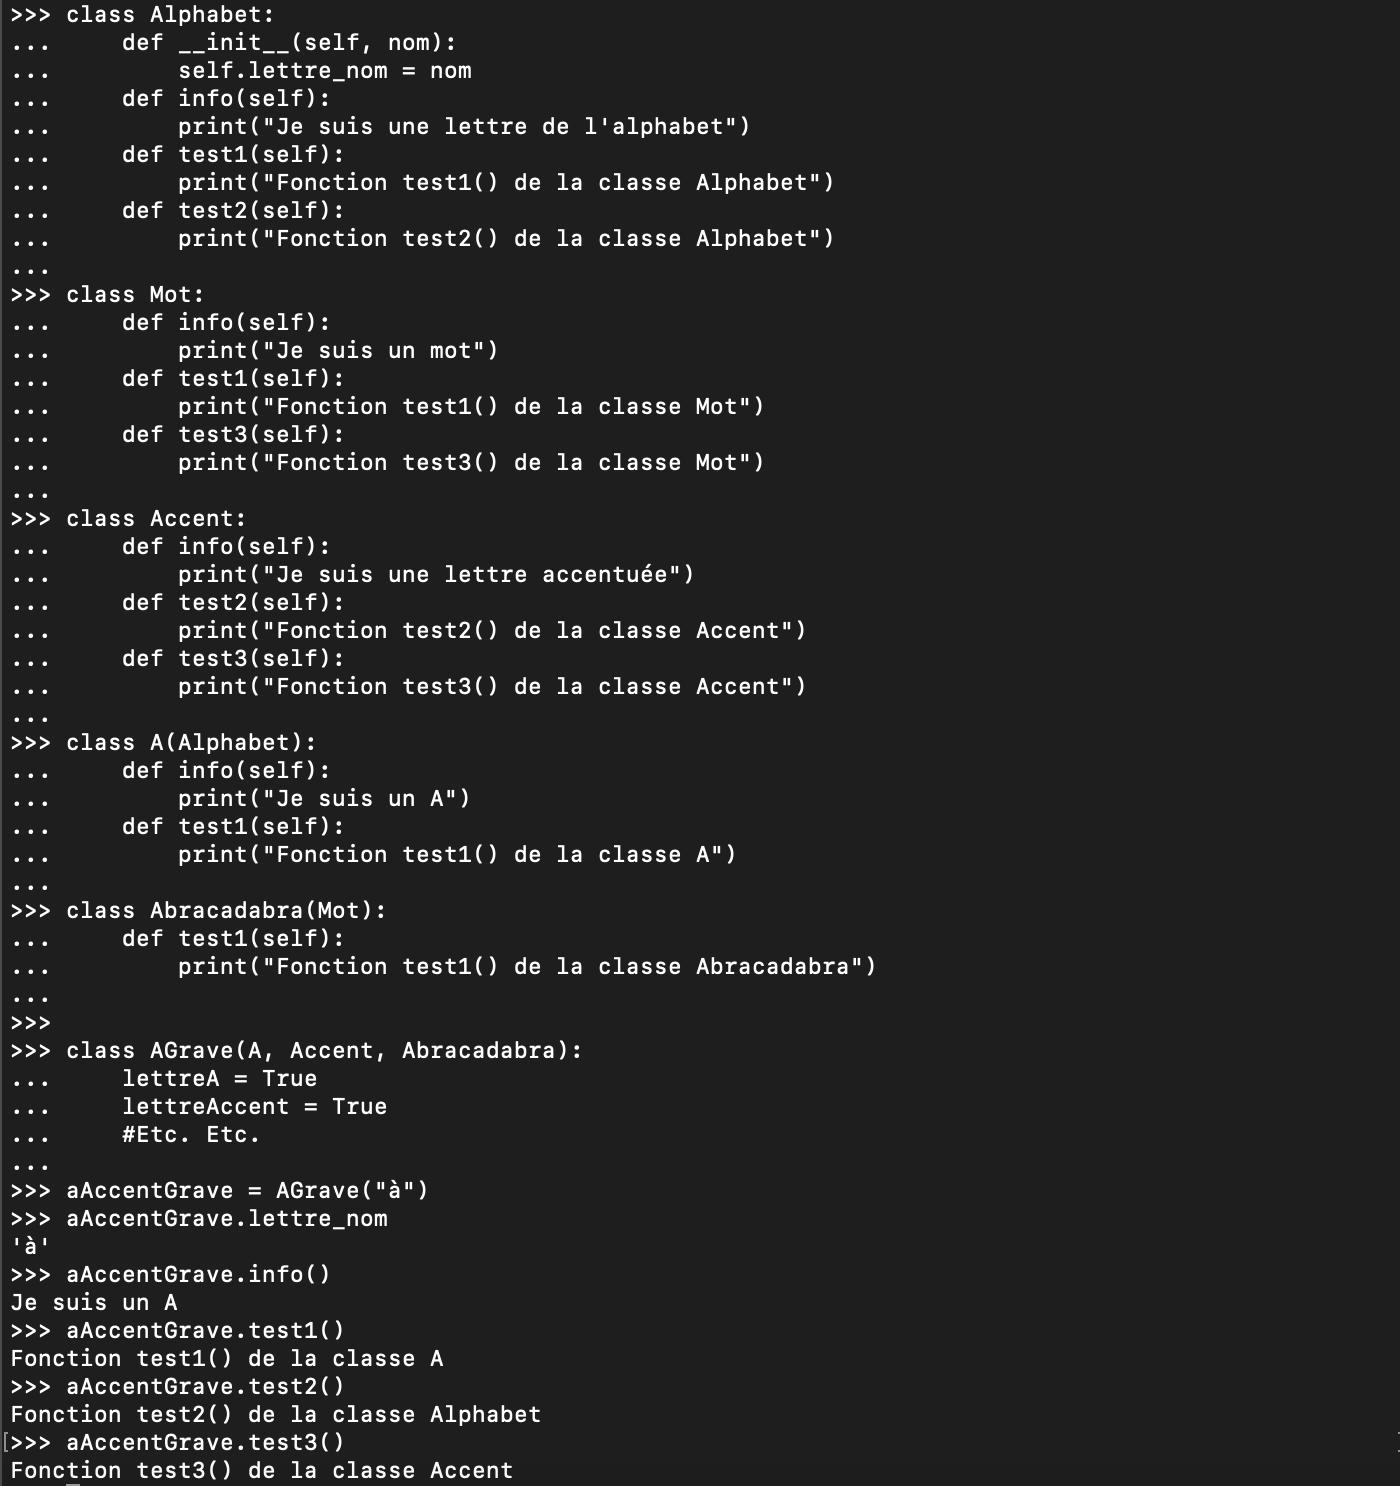 Héritage multiple en Python orienté objet